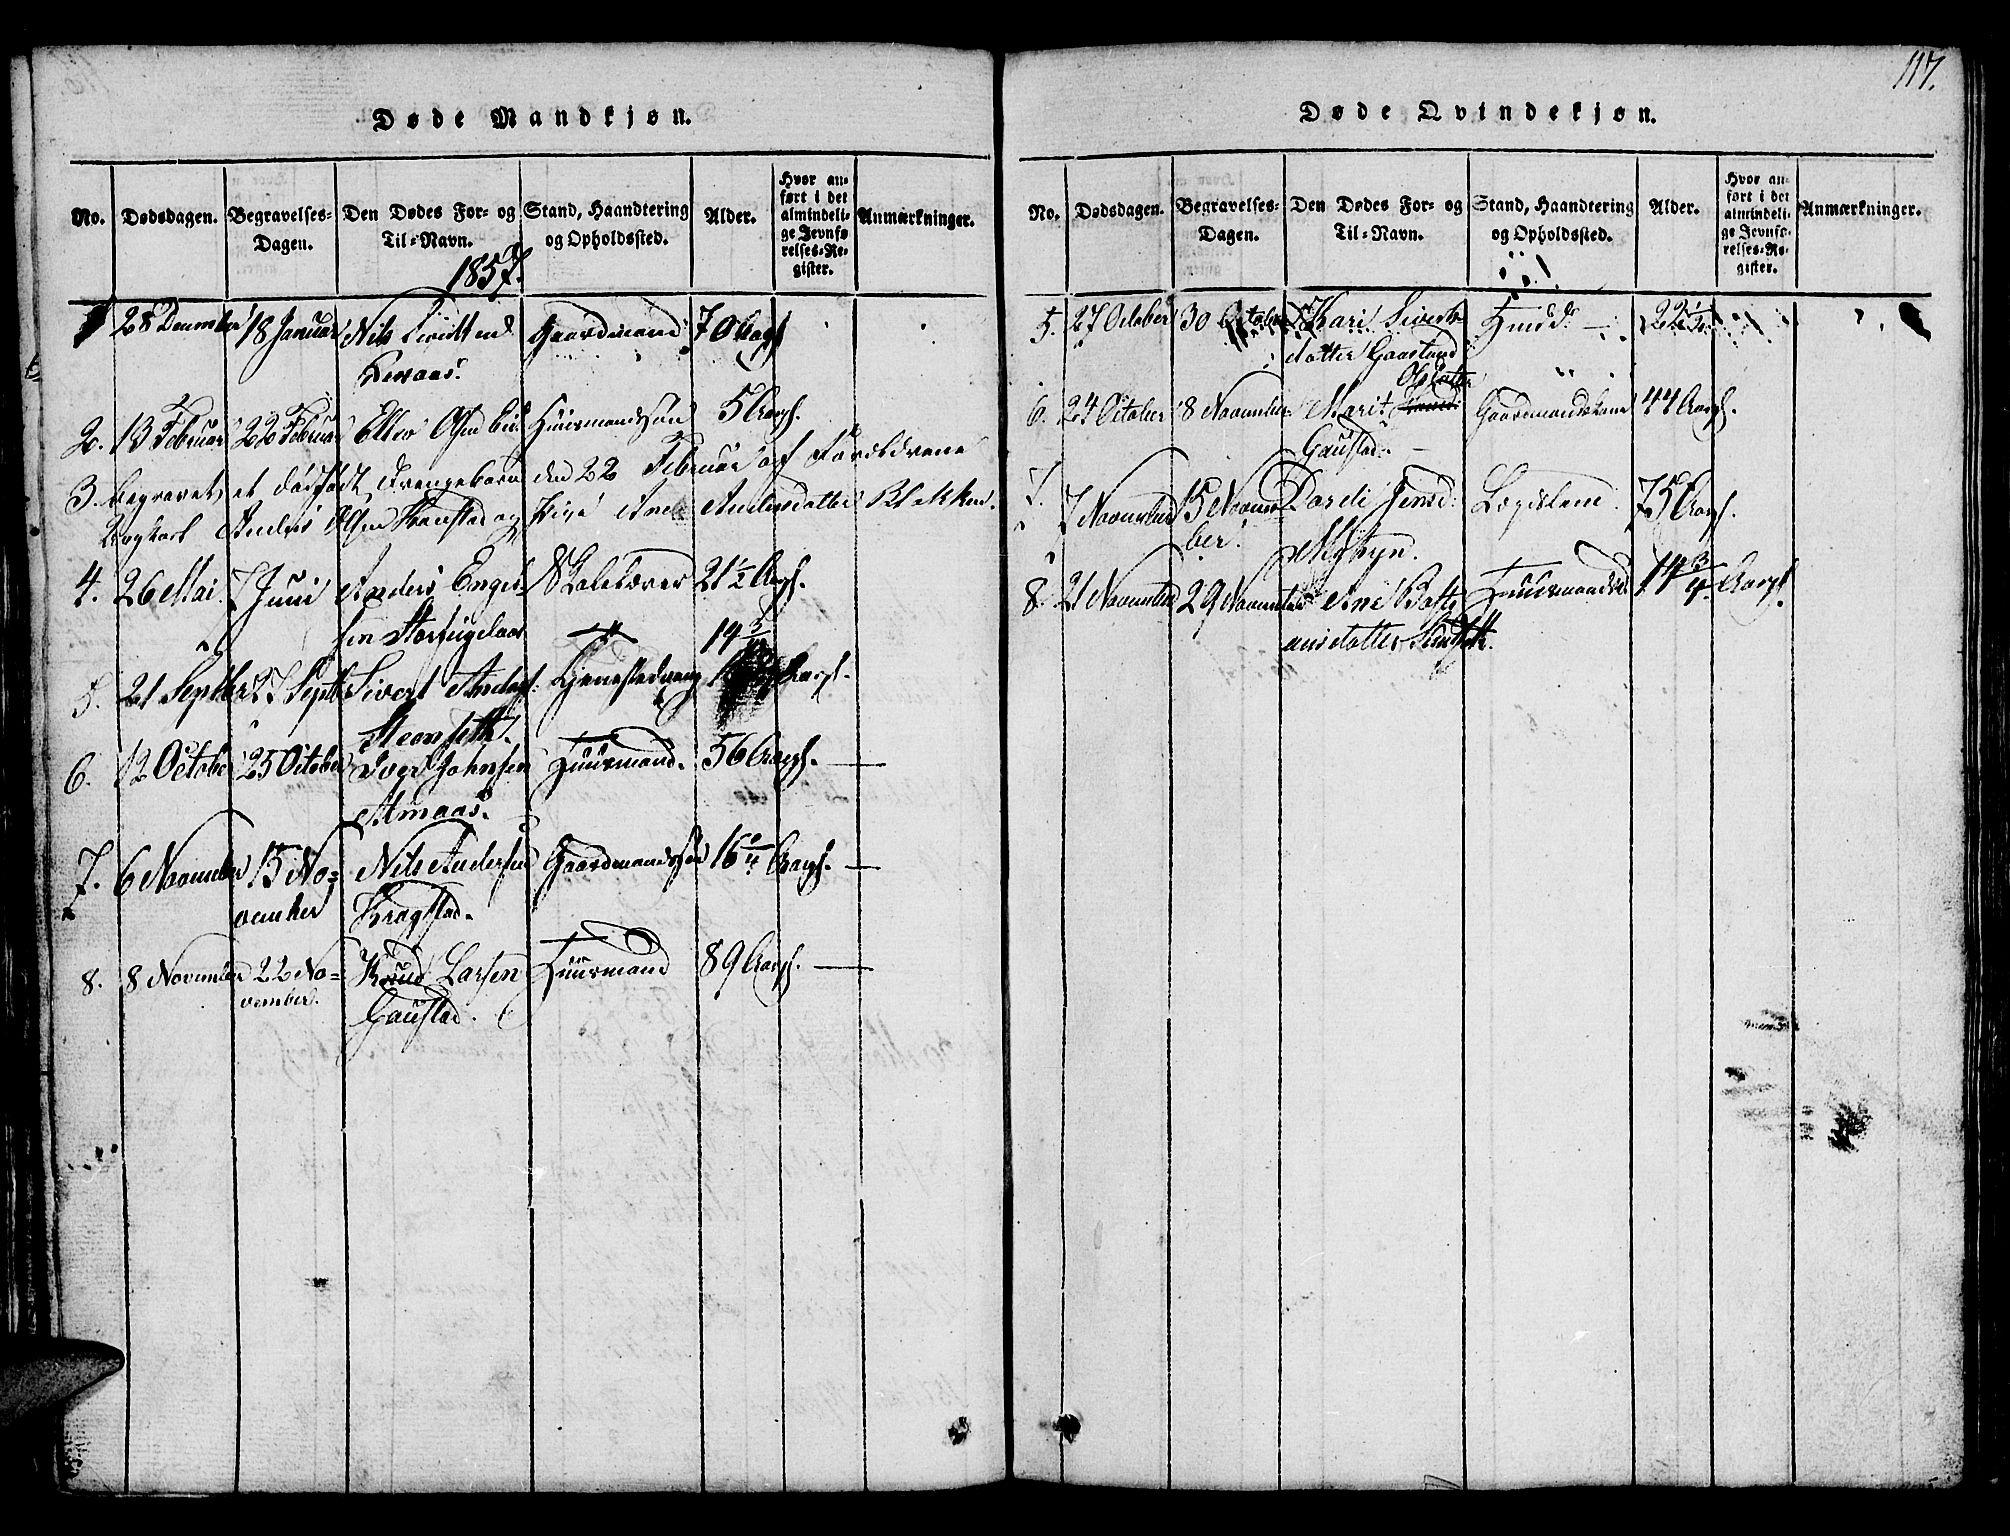 SAT, Ministerialprotokoller, klokkerbøker og fødselsregistre - Sør-Trøndelag, 694/L1130: Klokkerbok nr. 694C02, 1816-1857, s. 117